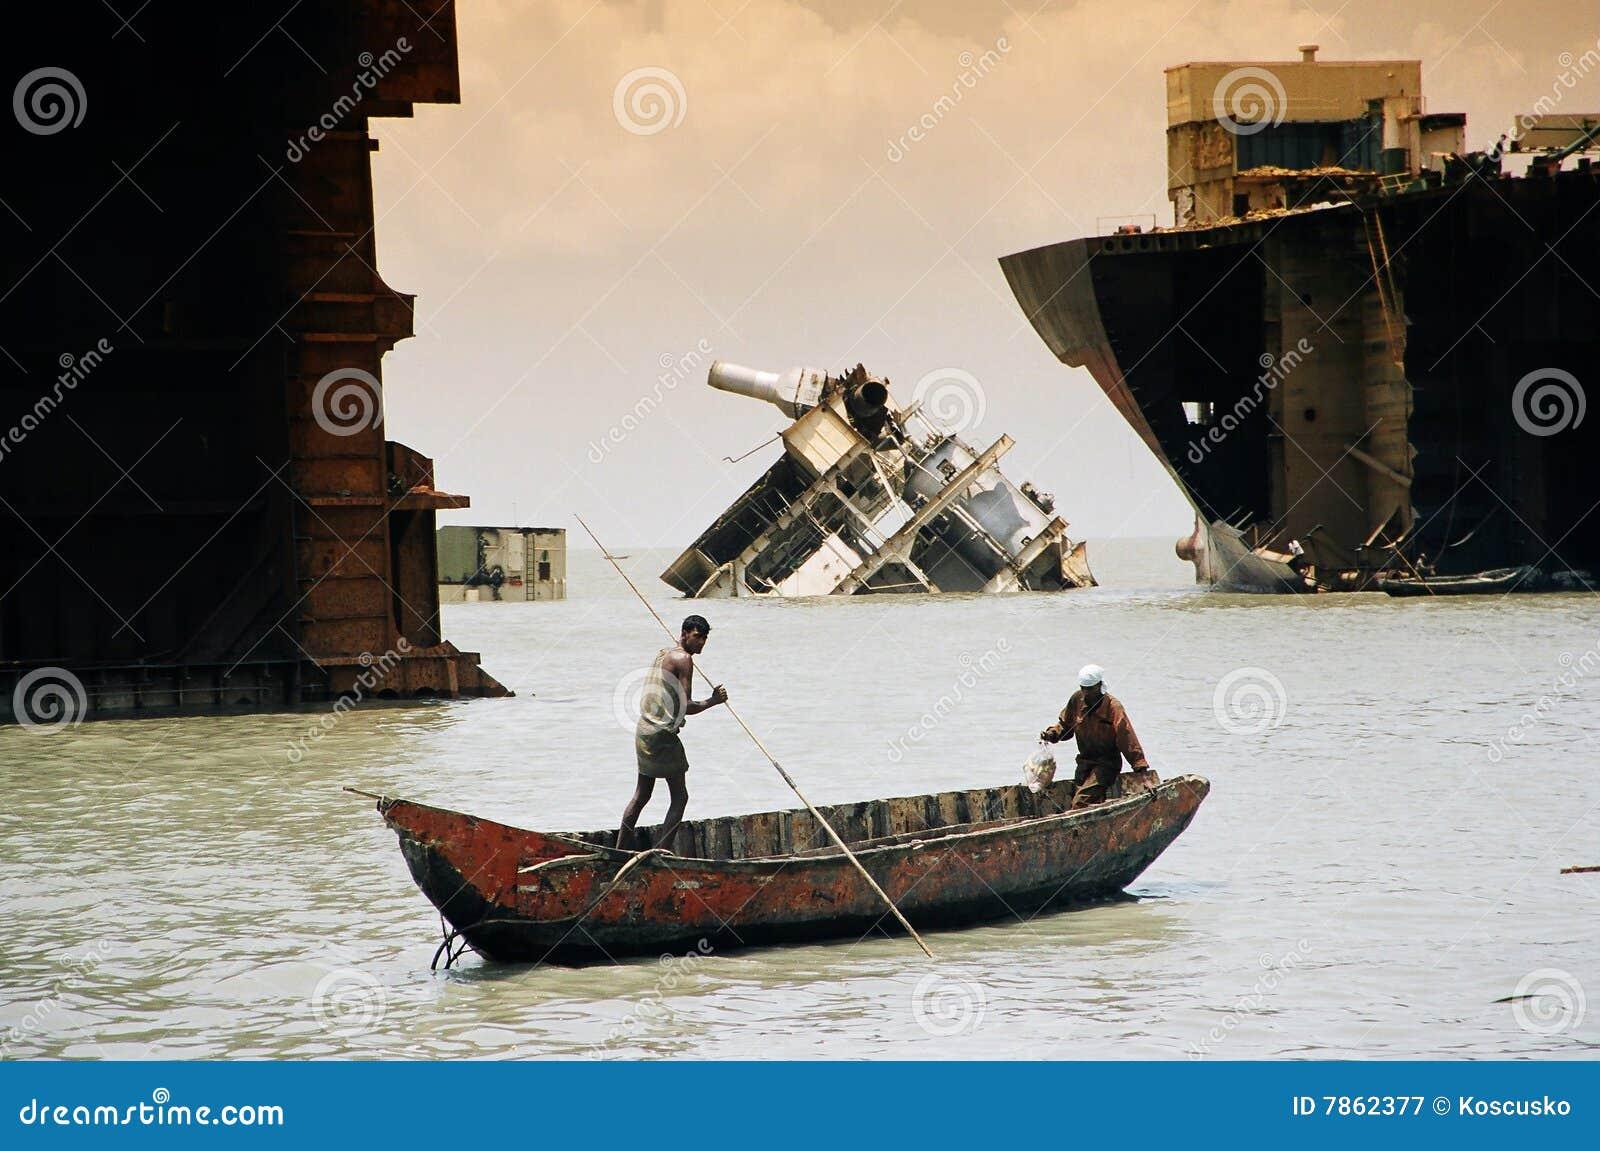 Among the wrecks, Bangladesh